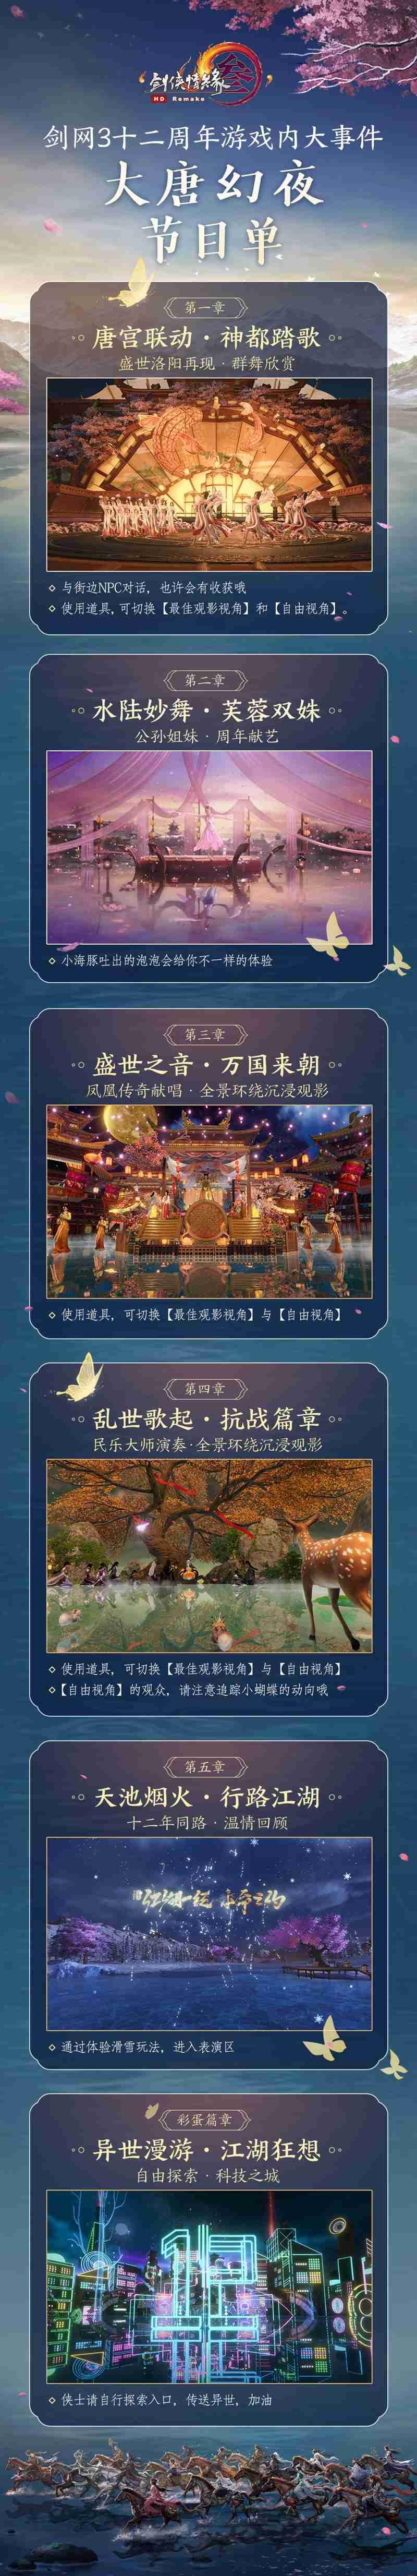 图3:大唐幻夜节目单.jpg